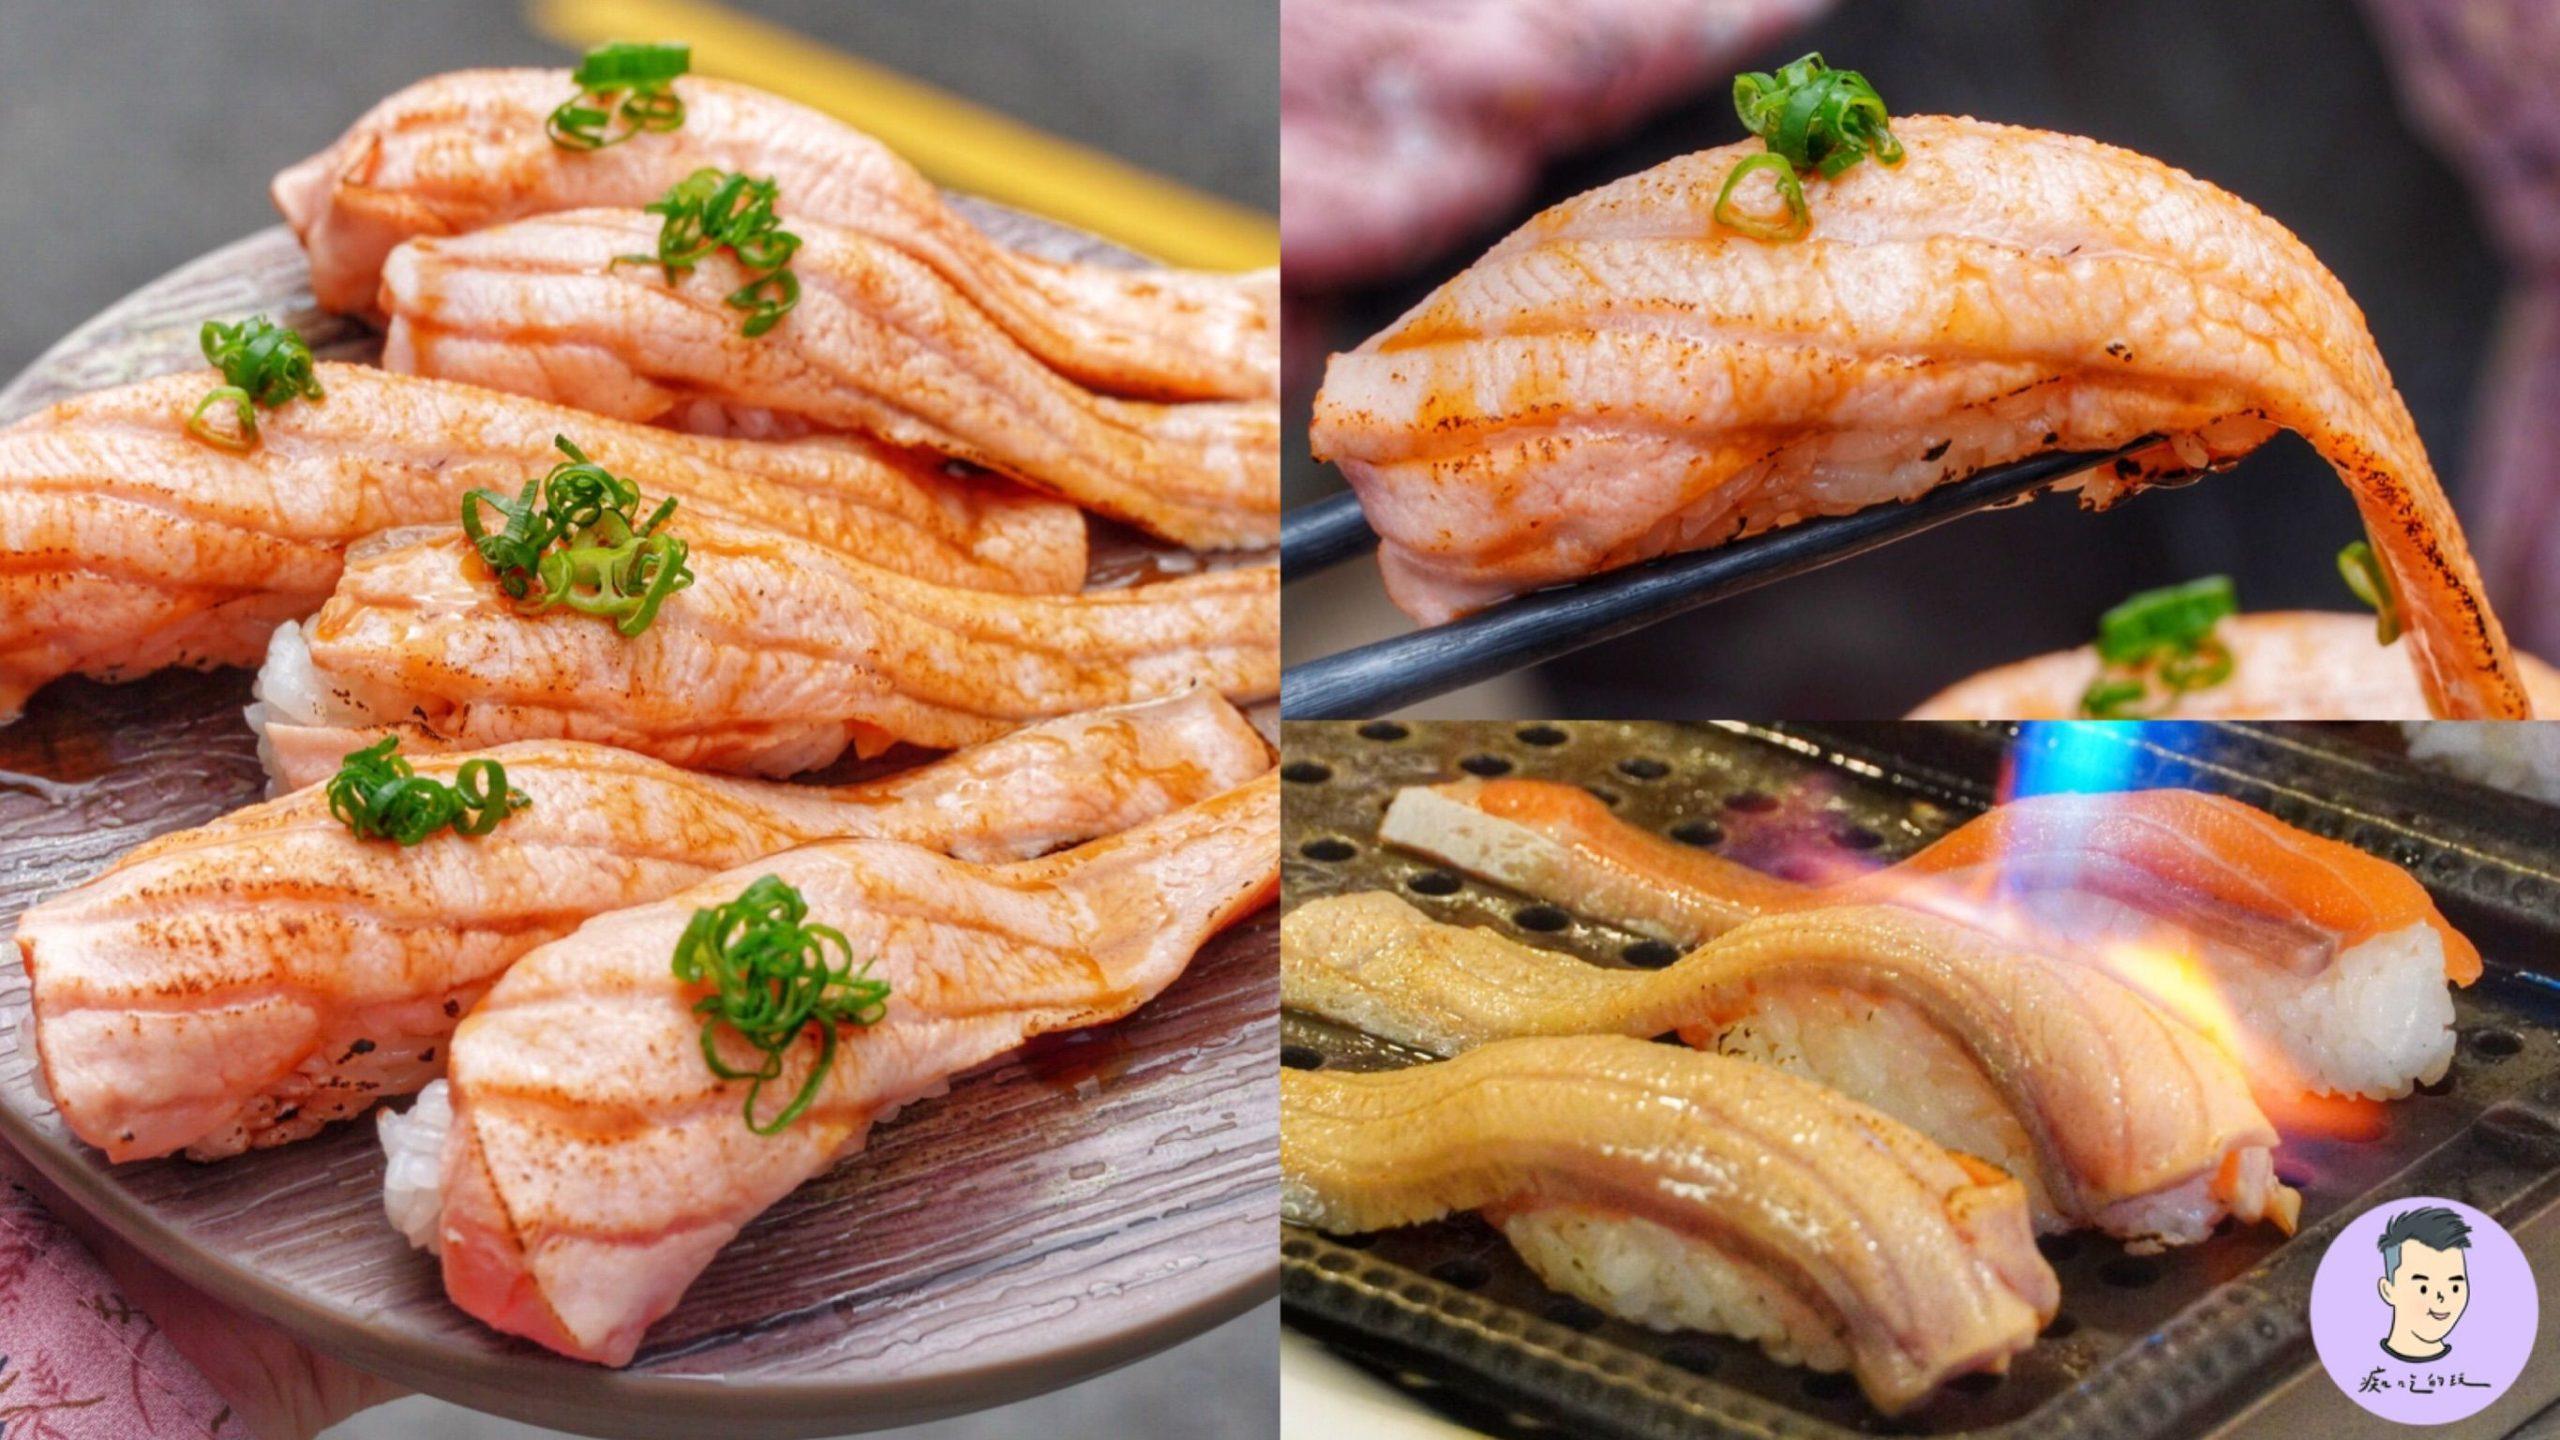 【台南美食】早上九點就開的日料!隱身水仙宮市場的炙燒鮭魚腹握壽司 肥嫩嫩油香超逼人 – 達也濱家漁場